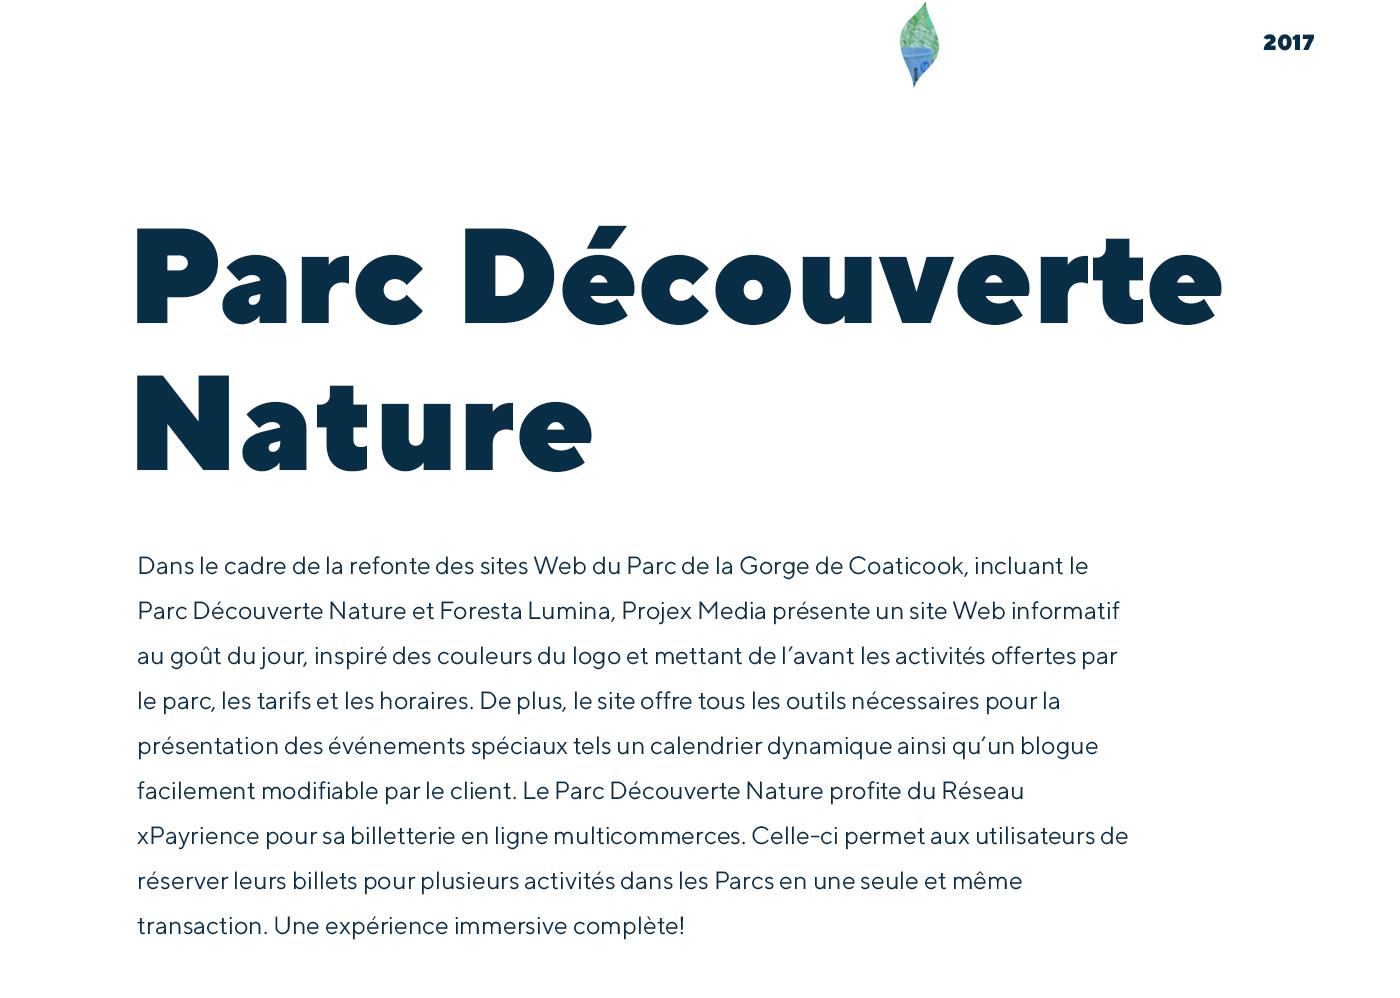 Parc Découverte Nature - Site Web informatif et billetterie xPayrience - Réalisation signée Projex Media